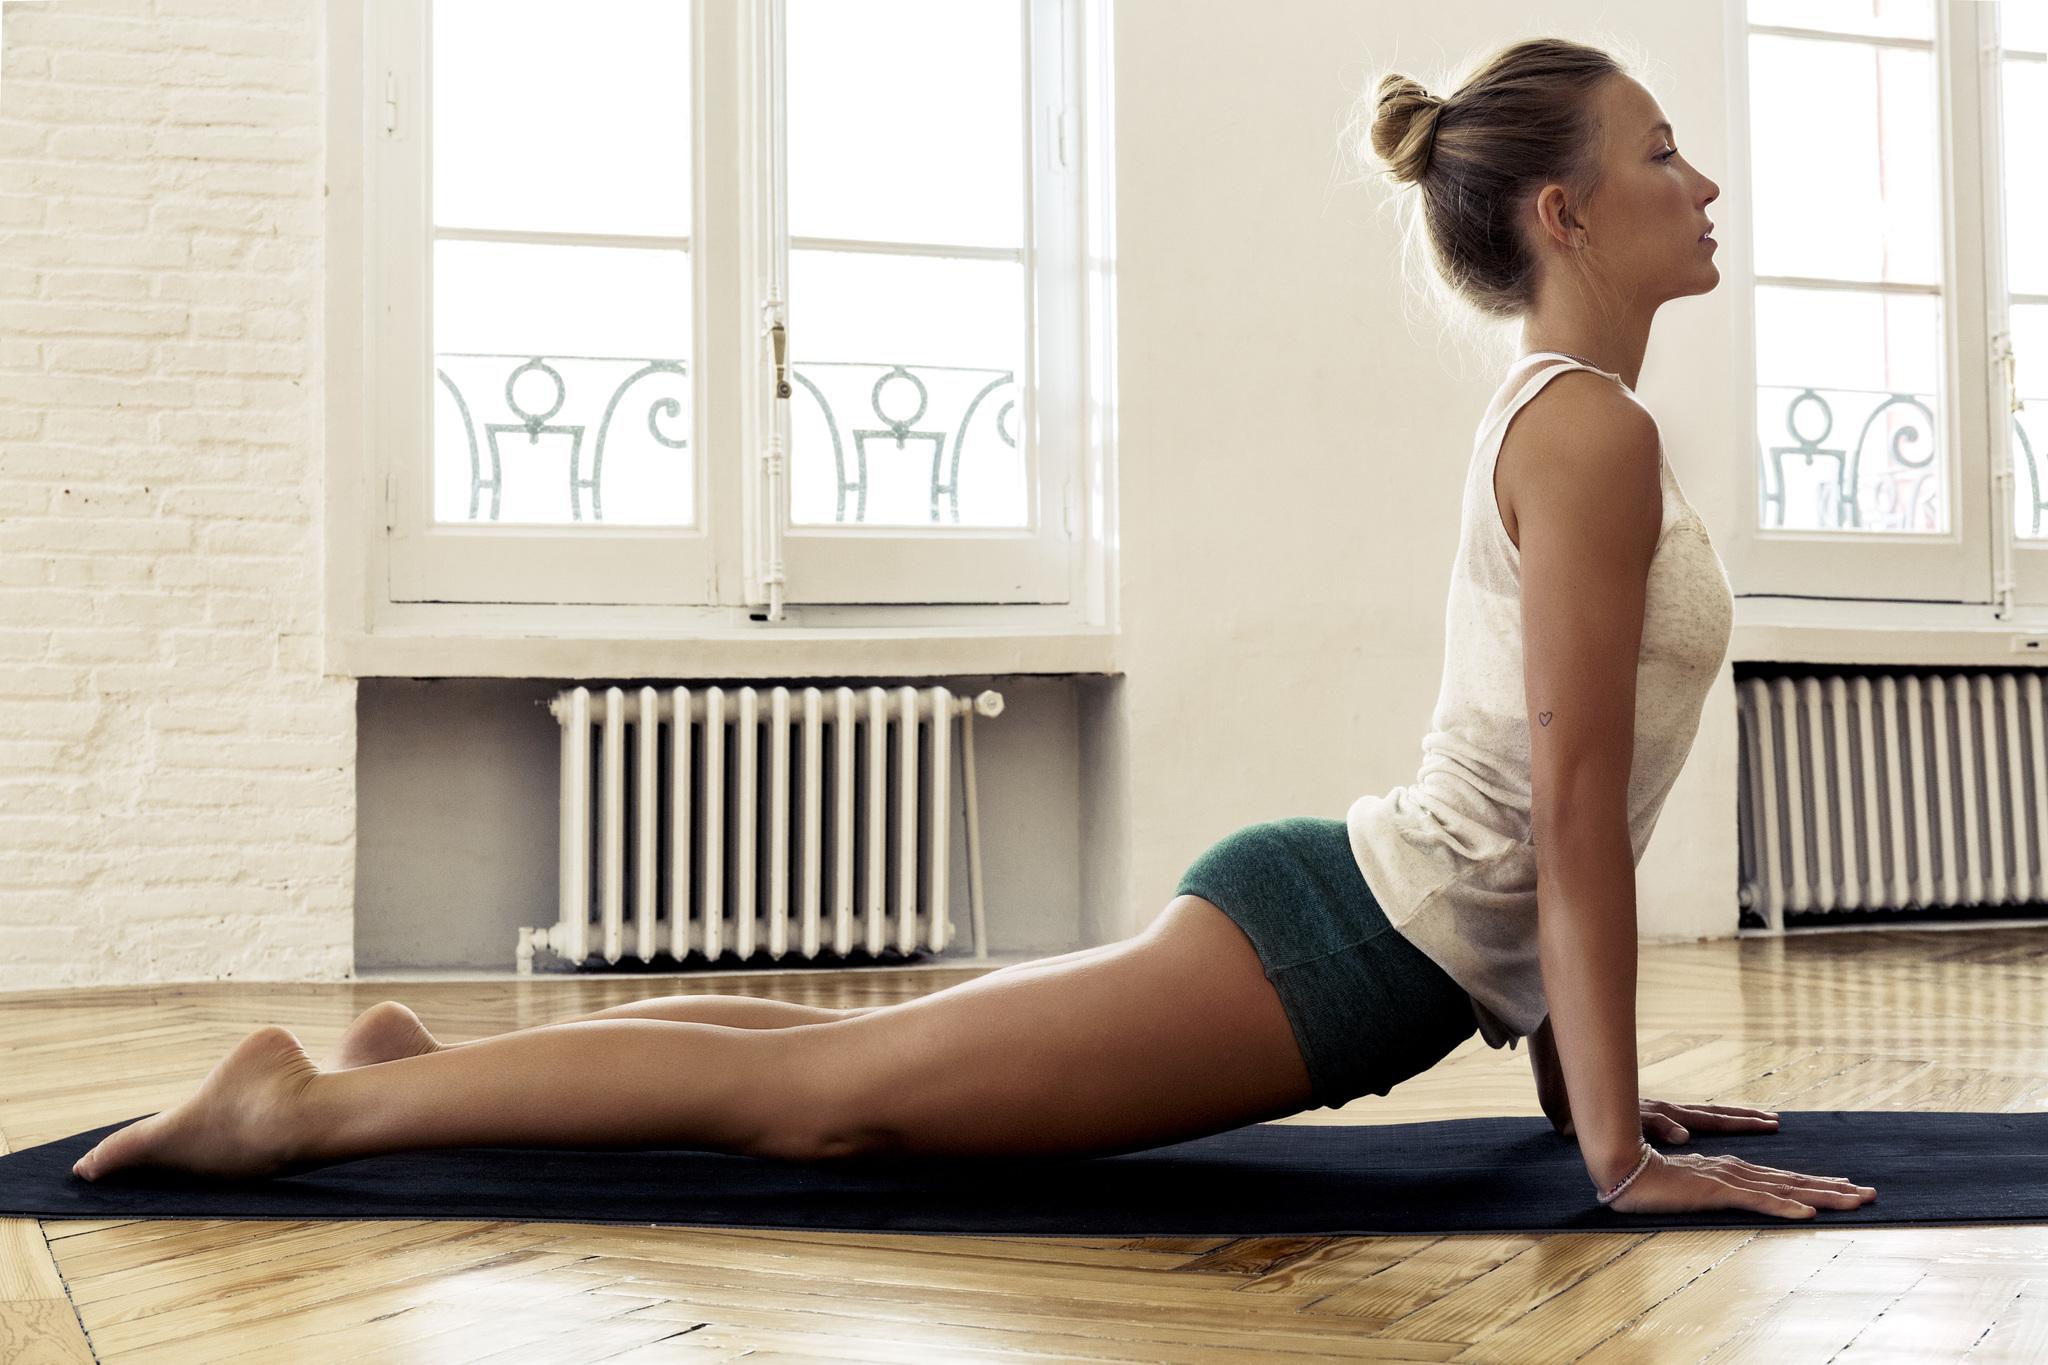 Cómo Elegir Bien Tu Esterilla De Yoga Y Otros Accesorios Que Debes Tener Para Realizar Una Práctica Correcta Y Segura Telva Com